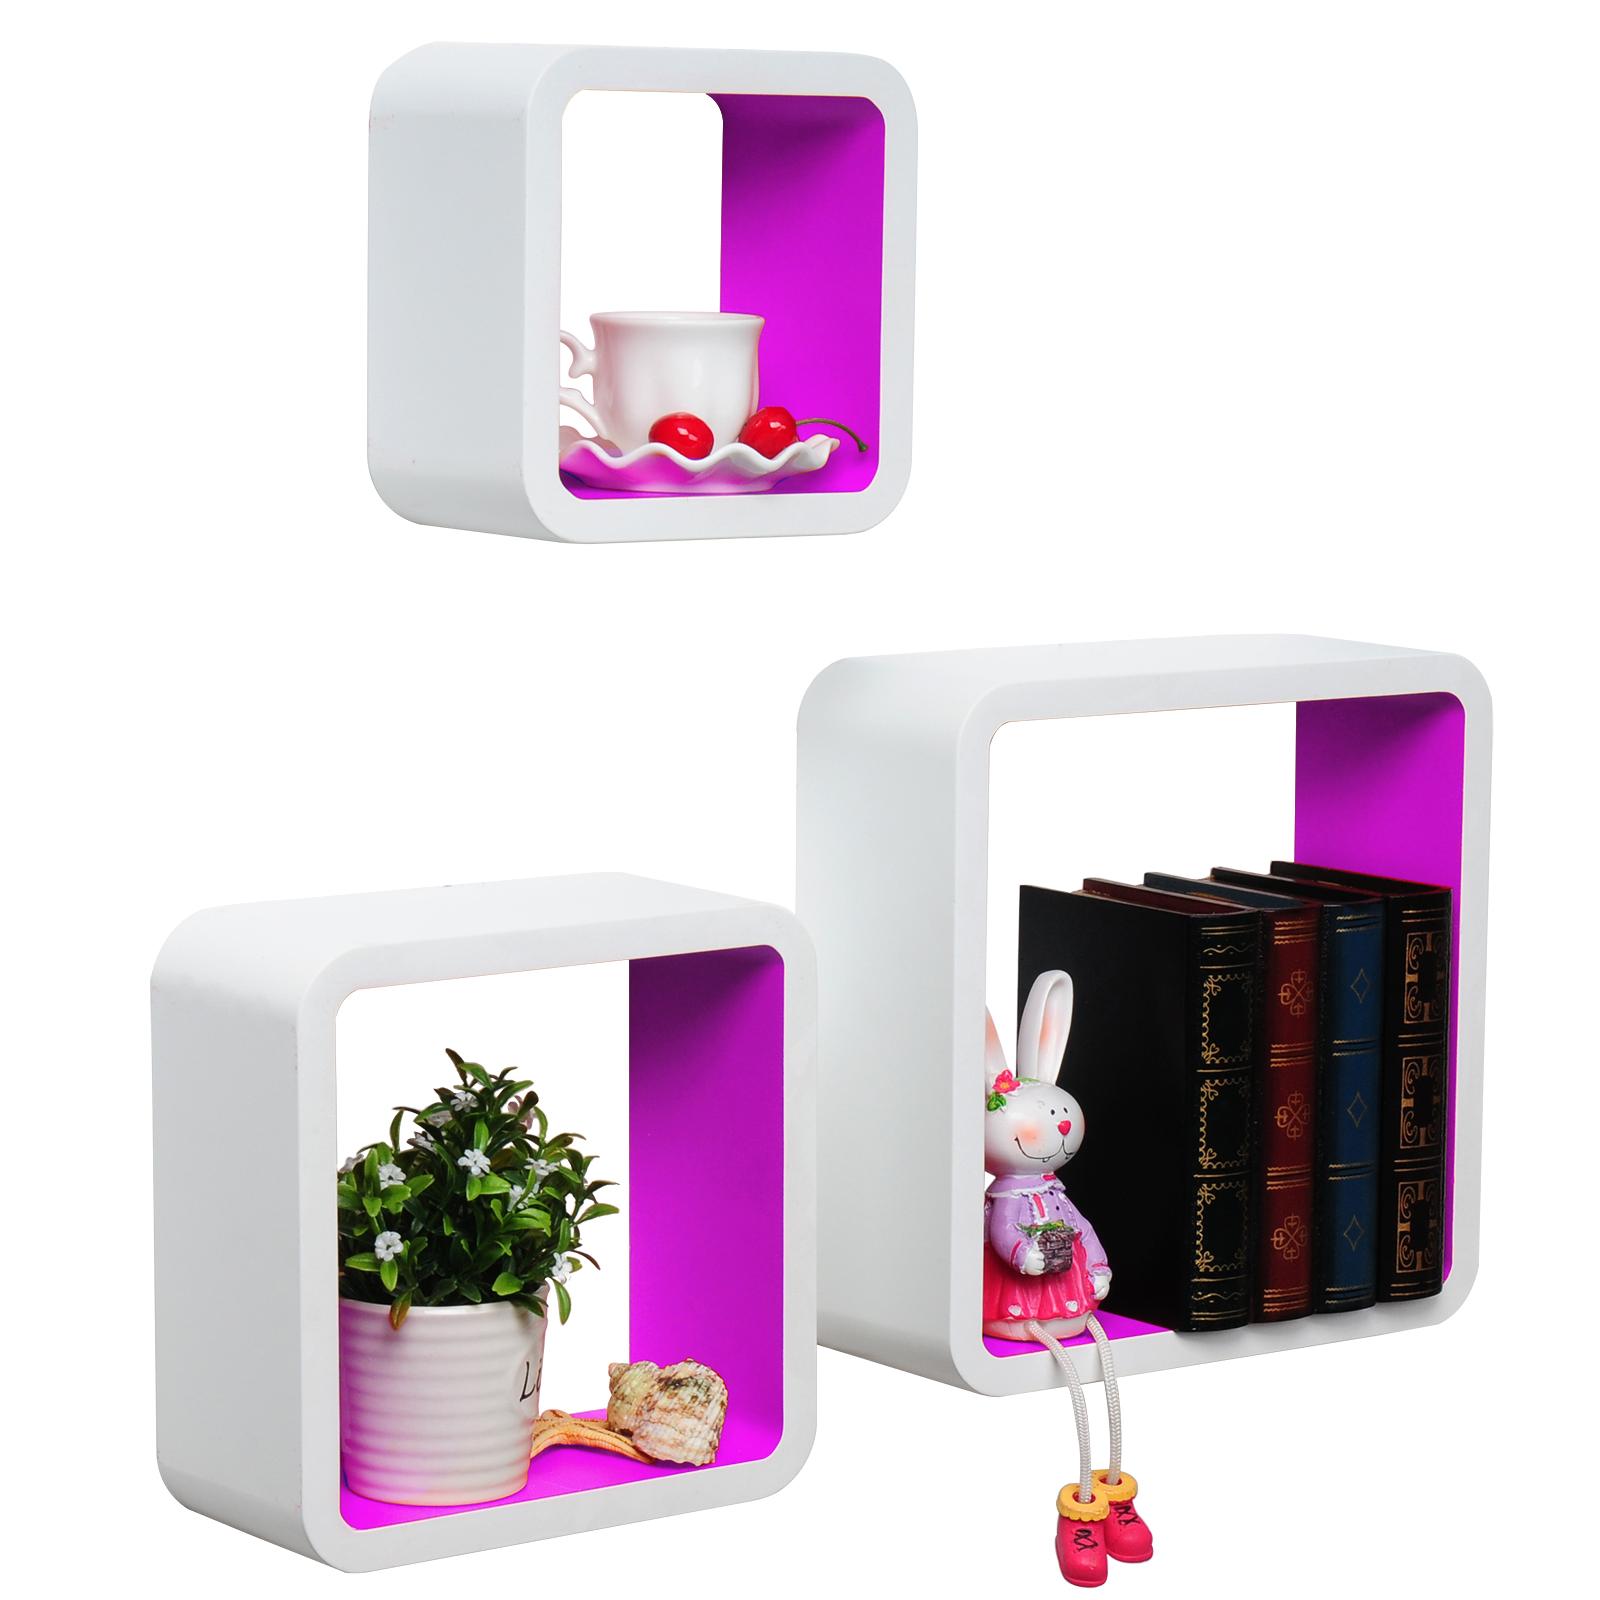 wandregal 3er set regal b cheregal h ngeregal holzregale in 11 farben 295 a ebay. Black Bedroom Furniture Sets. Home Design Ideas